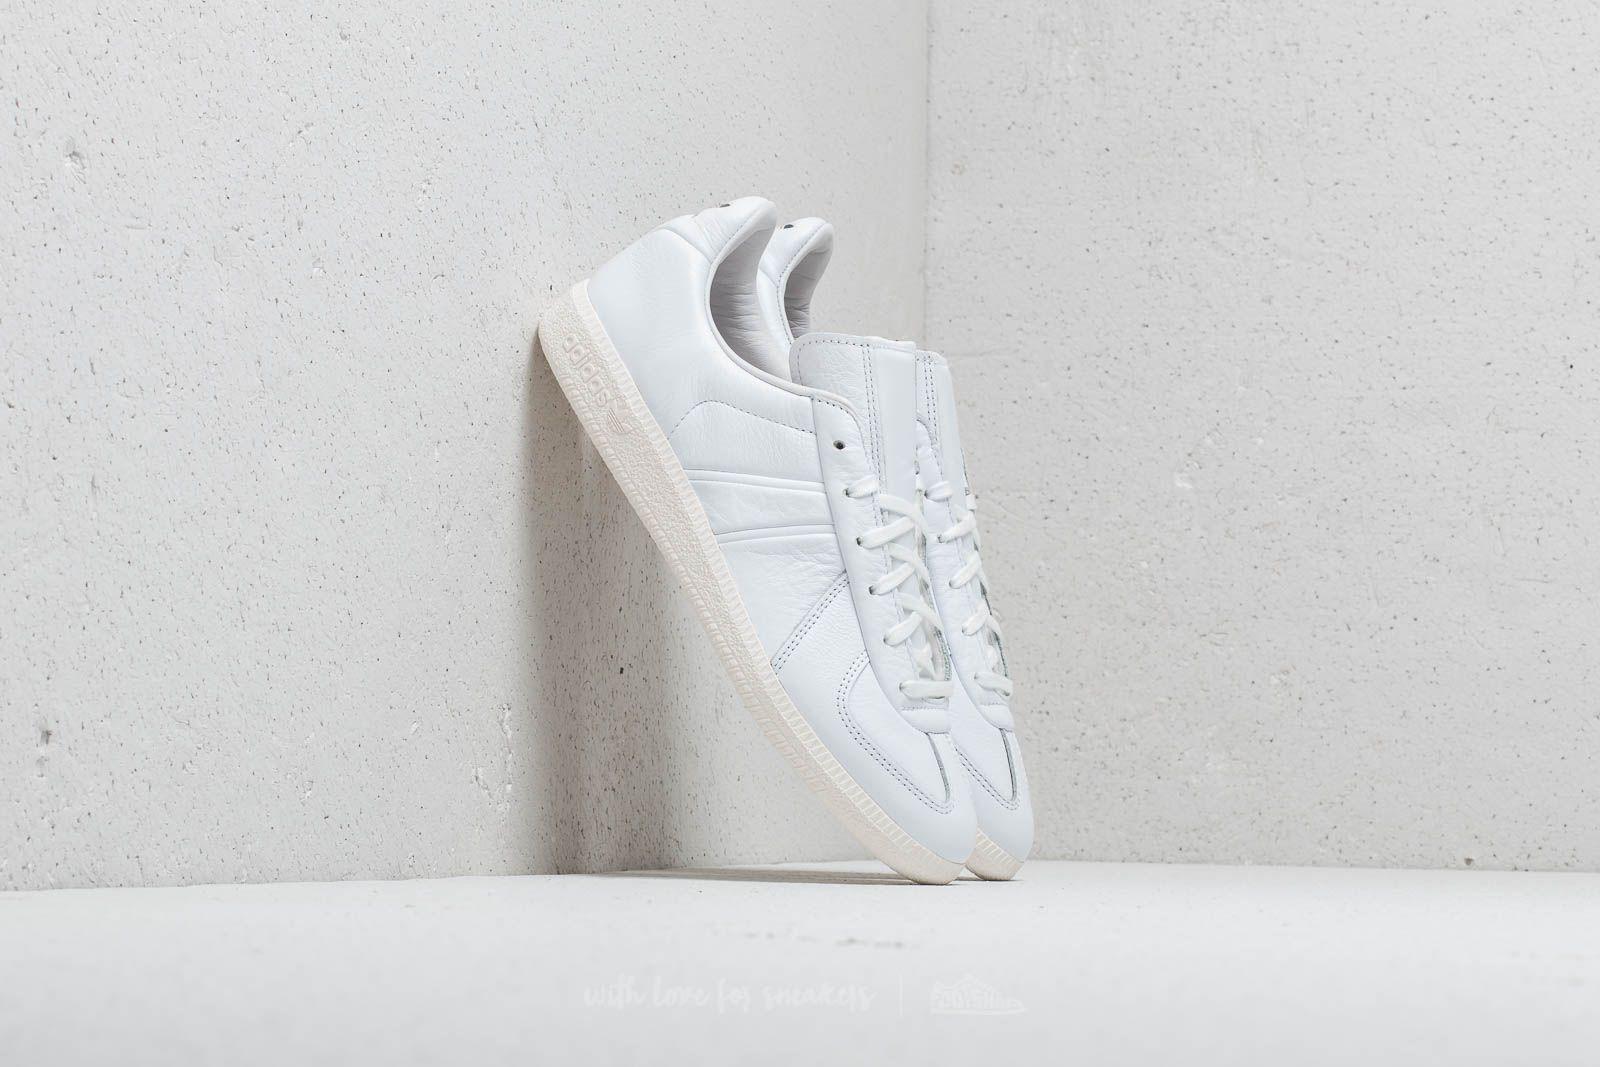 adidas x Oyster Holdings BW Army Cloud White/ Off White/ Core Black za skvělou cenu 3 890 Kč koupíte na Footshop.cz